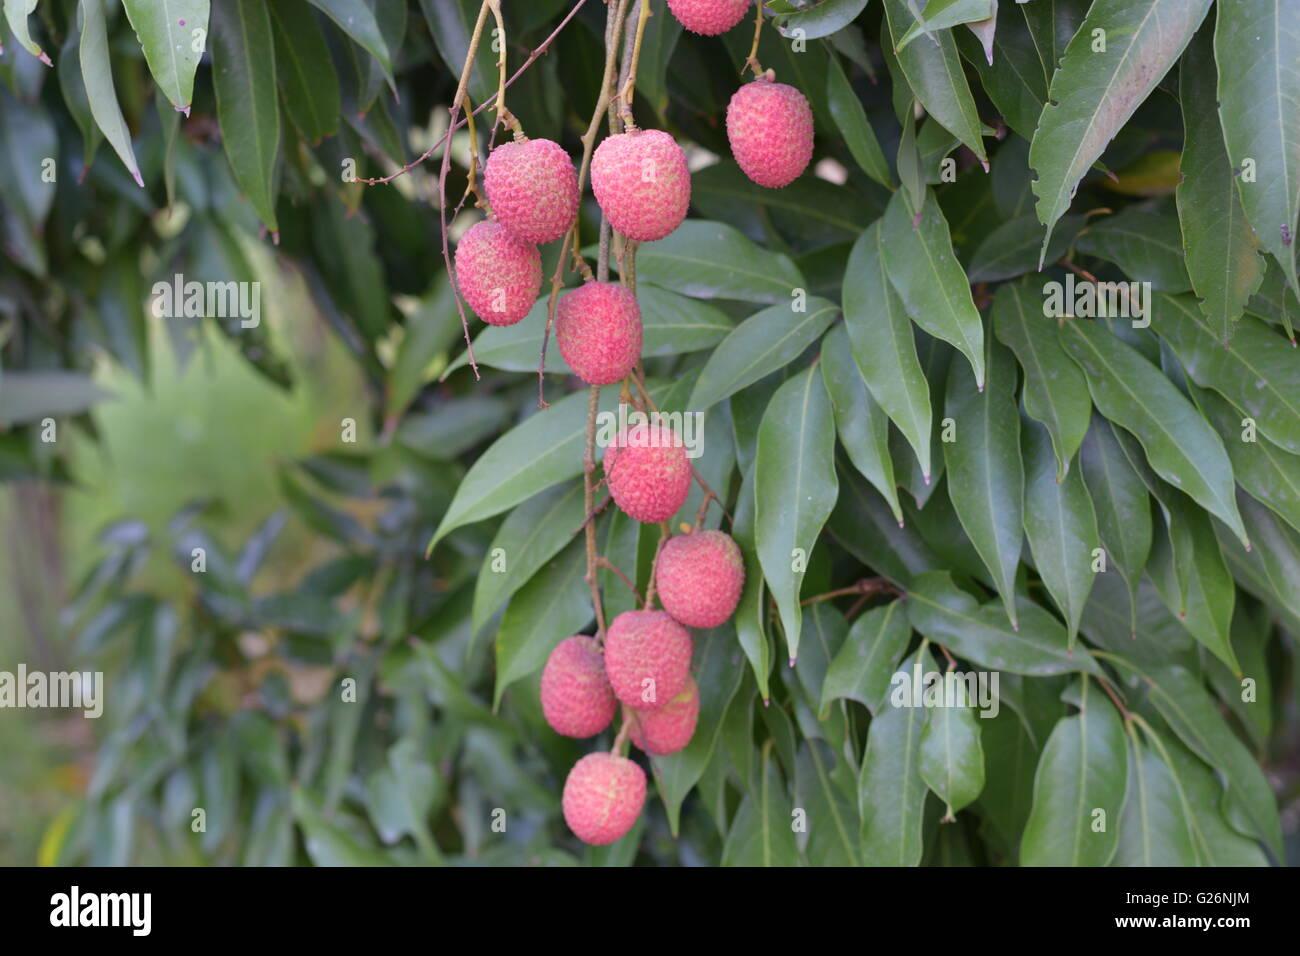 Litchi Fruit, Fruits, Indian fruits, fruit tree Stock Photo